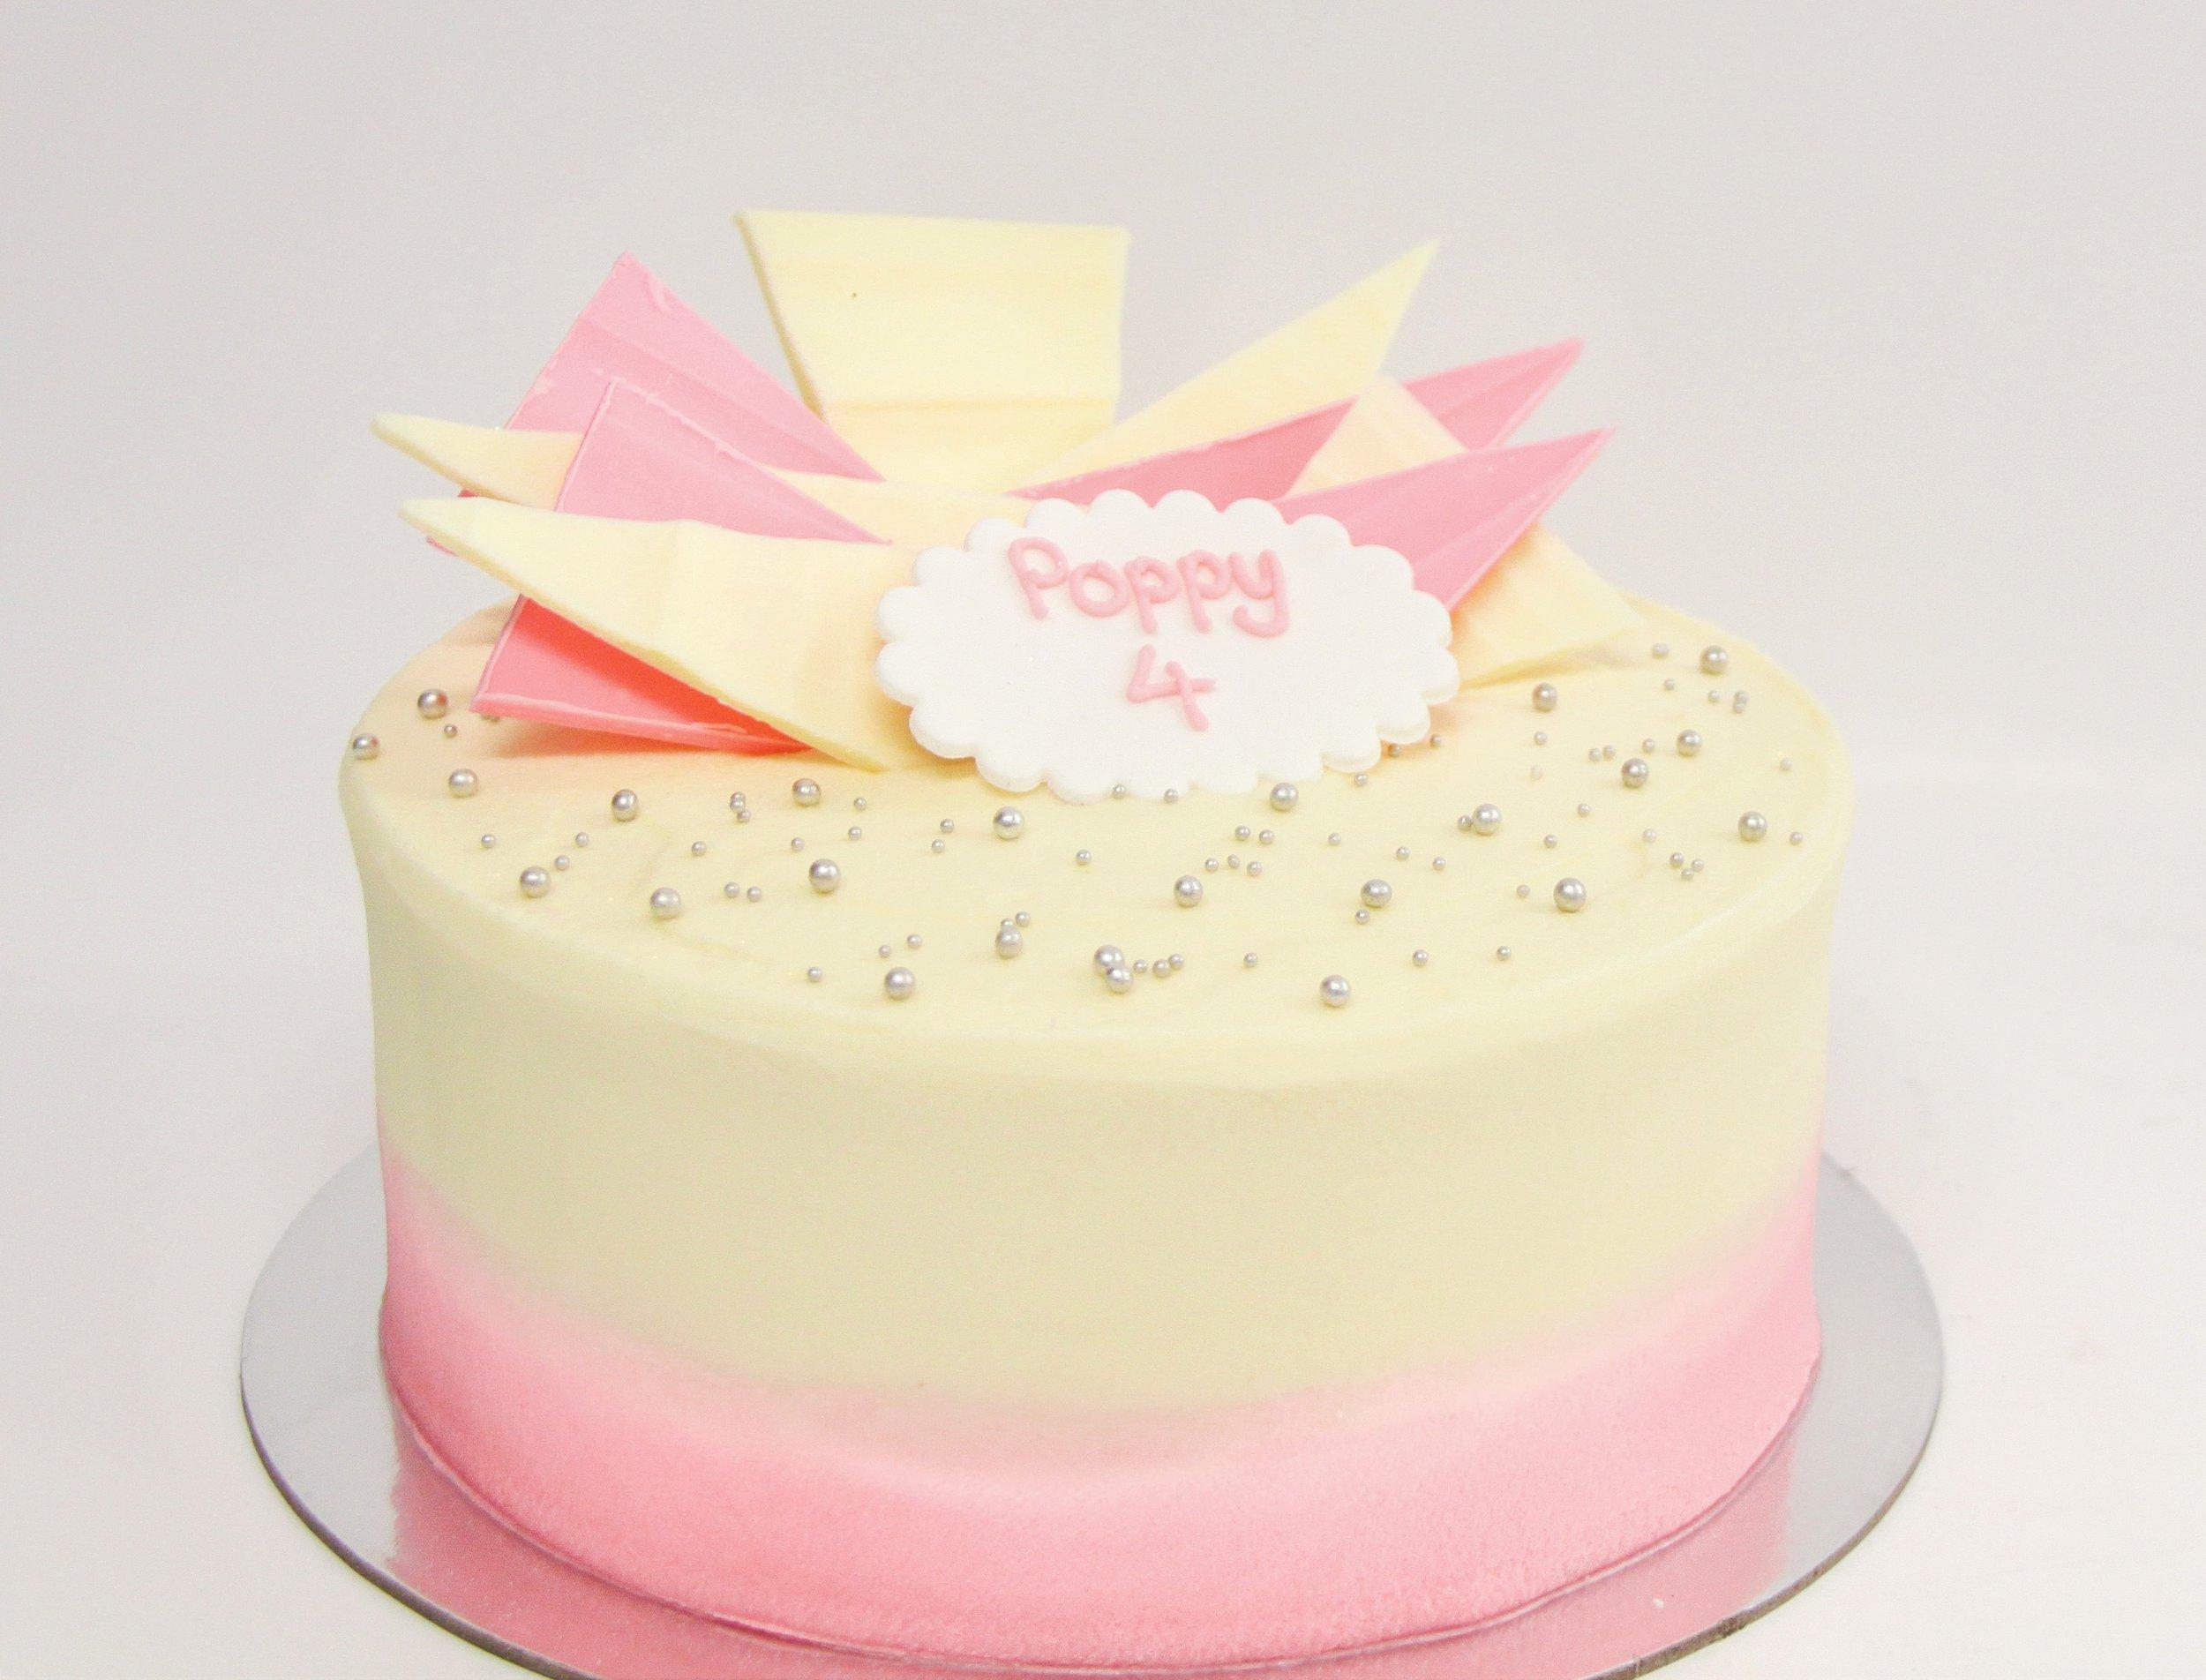 Vanillapodspecialtycakes-may-stock-127.jpg